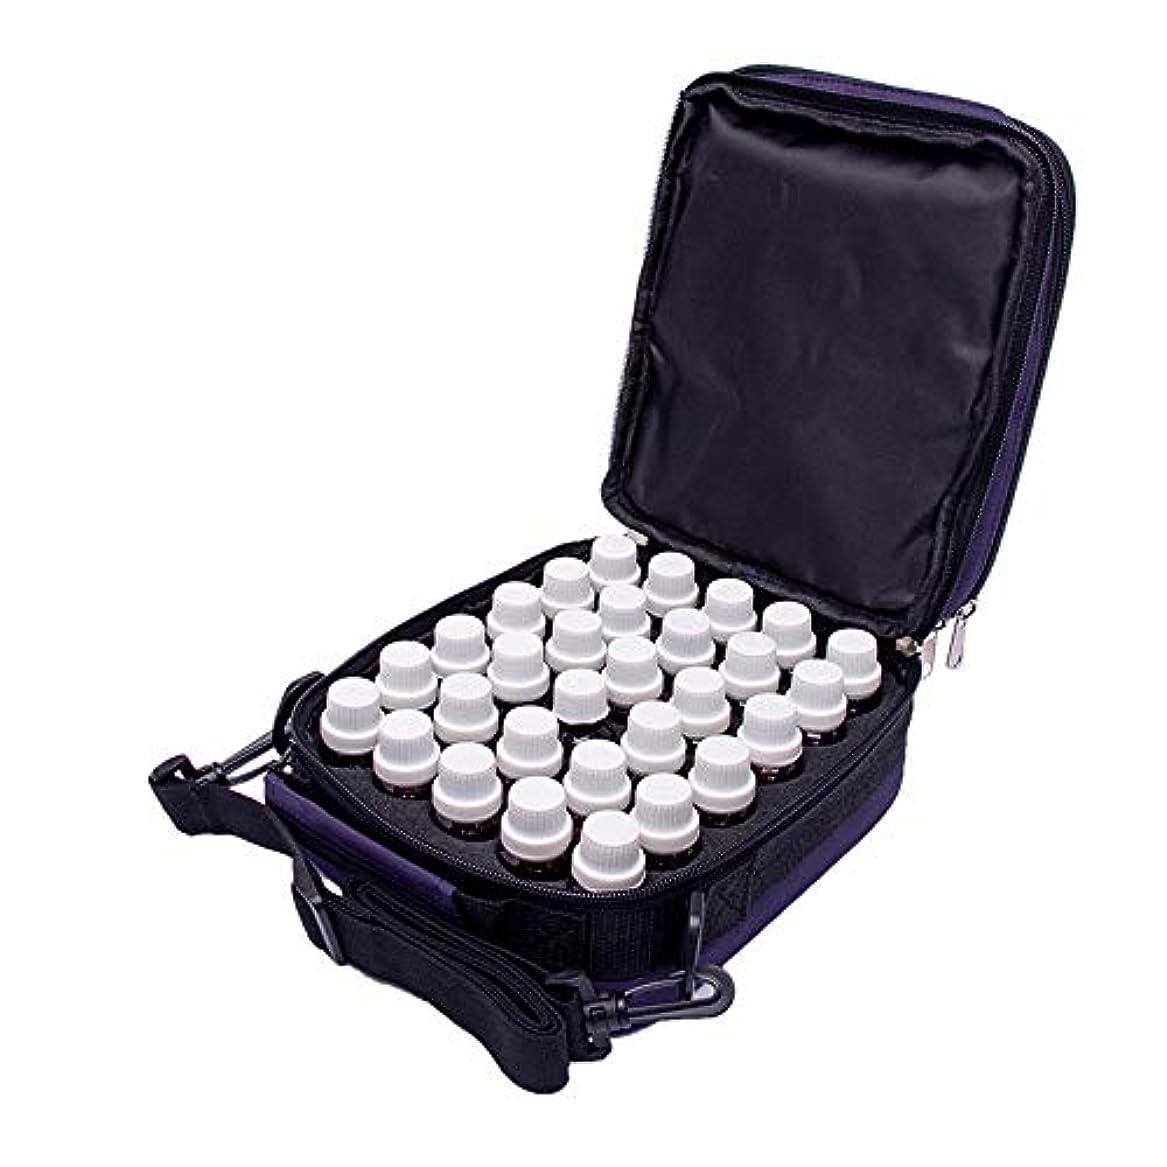 密度探偵デッドアロマセラピー収納ボックス オイル拡散ハンドバッグスーツケース5-10 MLのバイアル瓶ハード外部記憶袋42本のボトル エッセンシャルオイル収納ボックス (色 : 紫の, サイズ : 18X13X21CM)